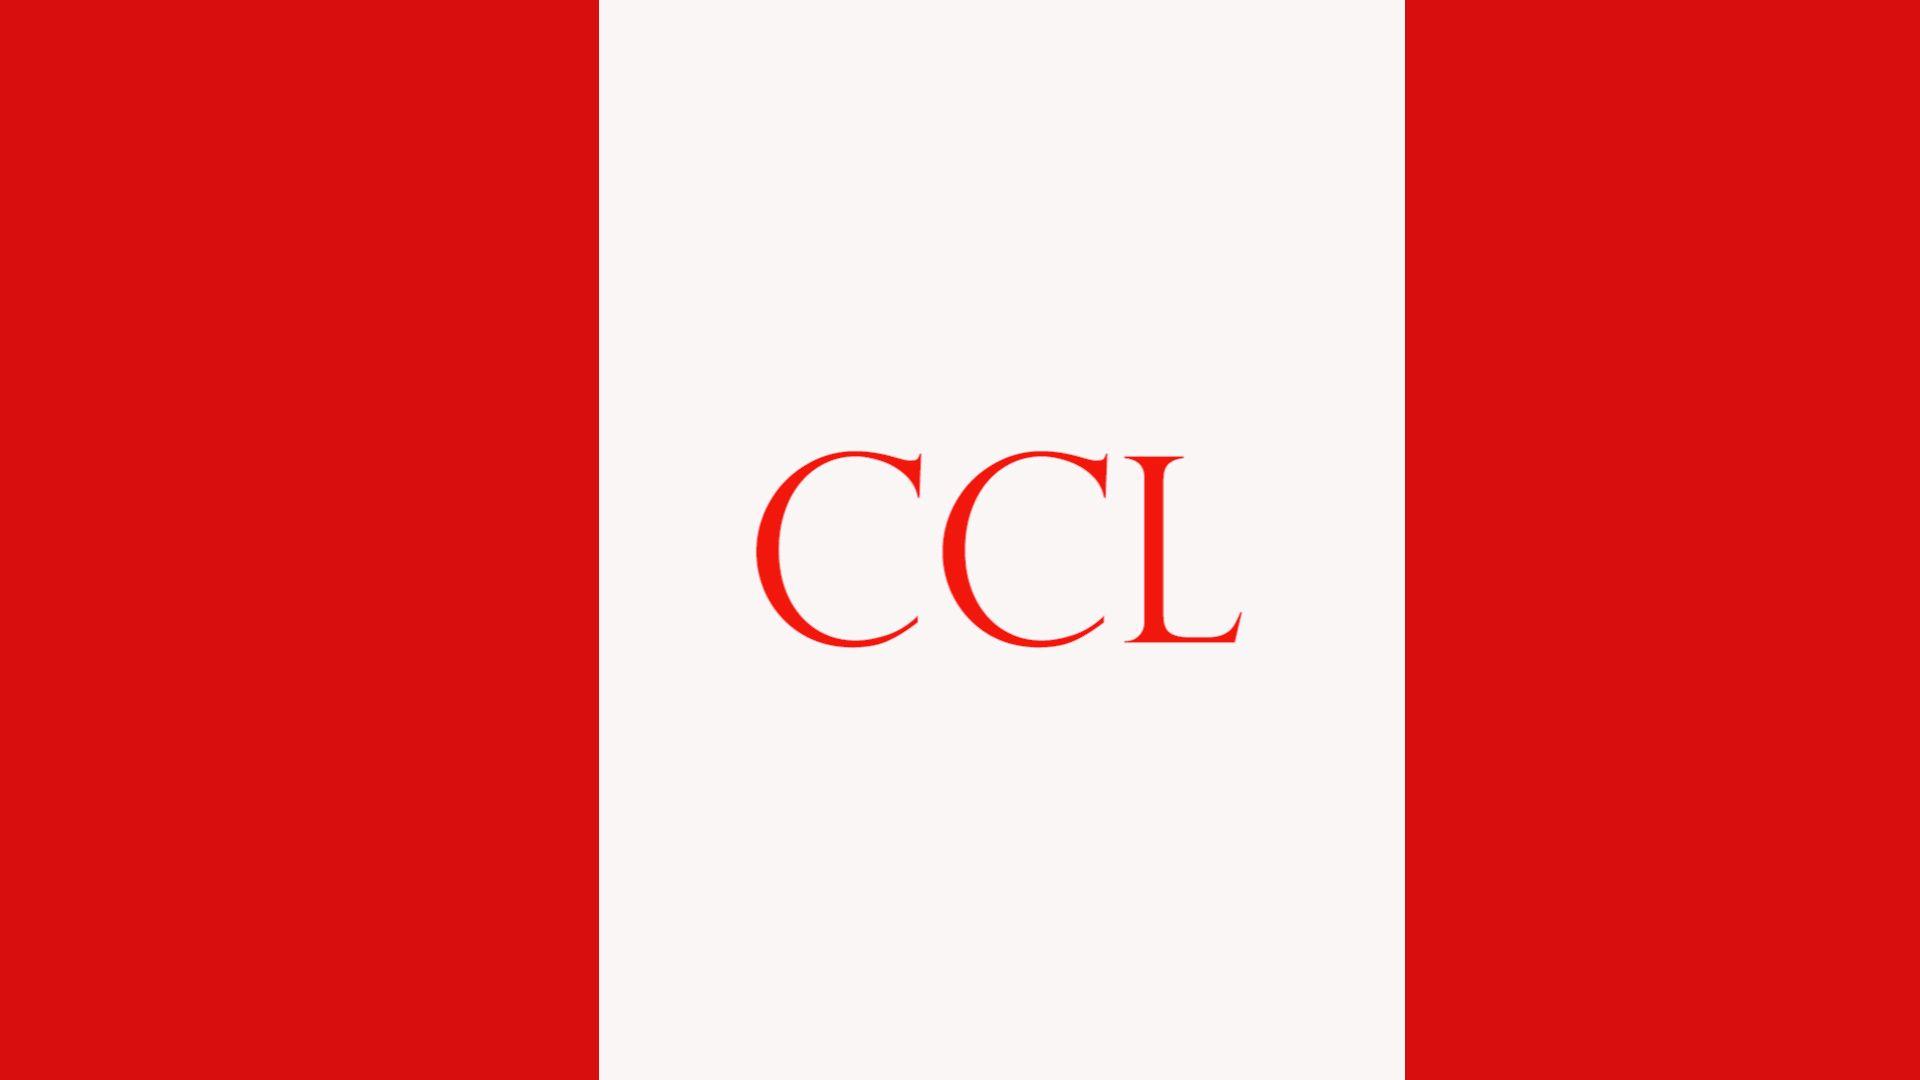 CCL logo for food